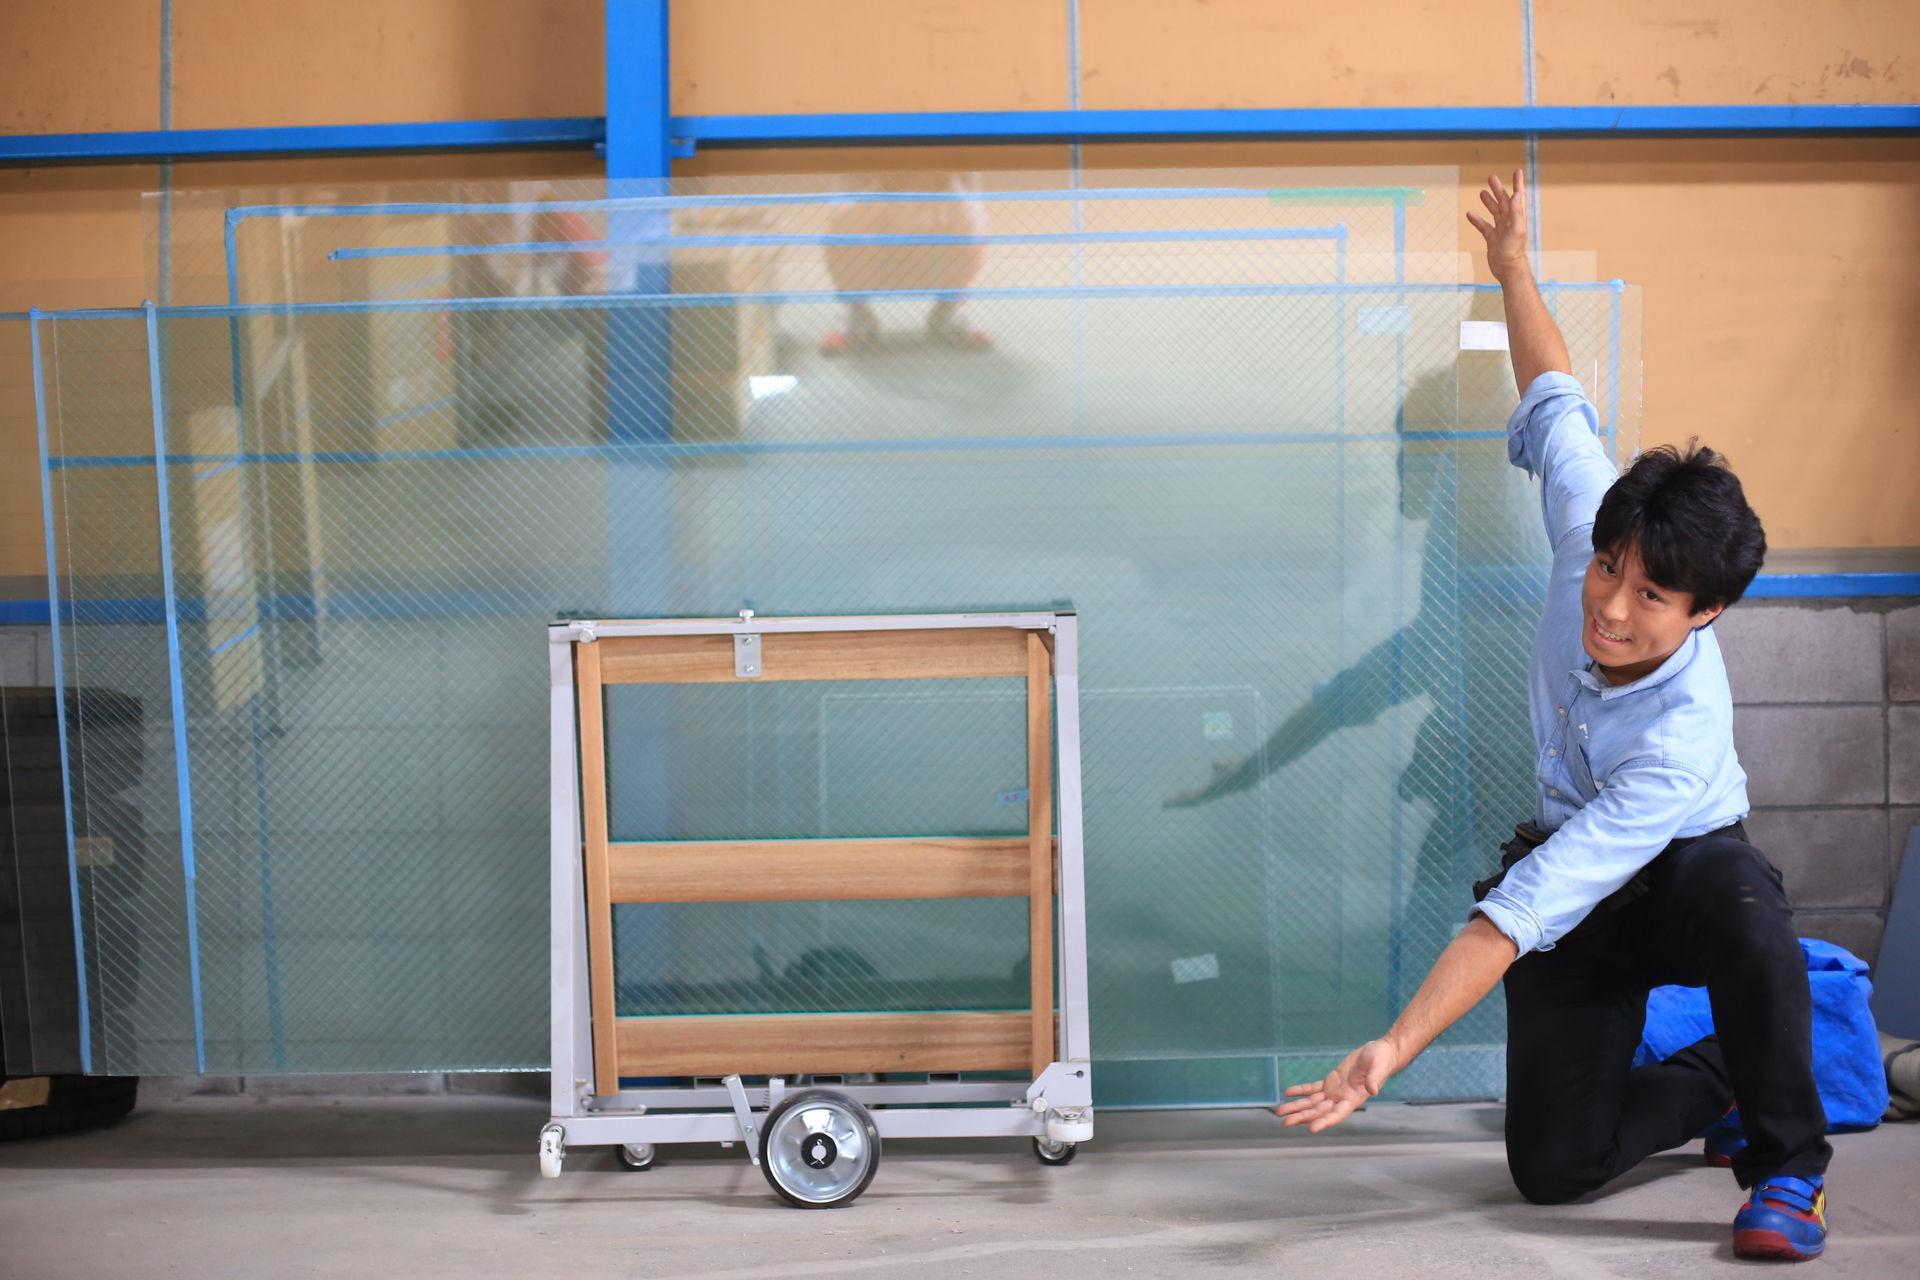 ガラスのトラブル救急車【京都市右京区 出張エリア】のメイン画像